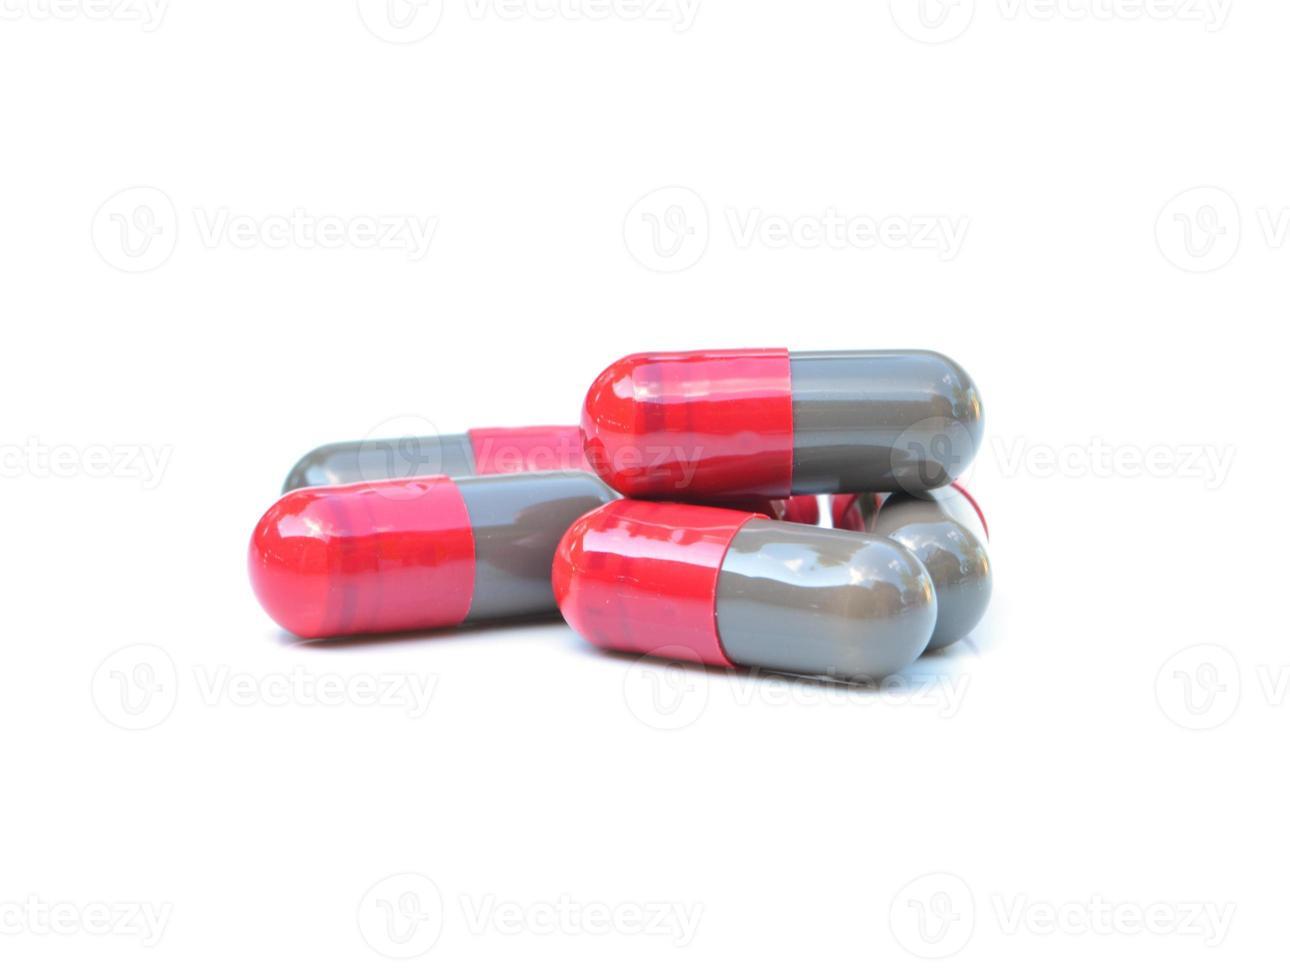 medische capsules op witte achtergrond. foto